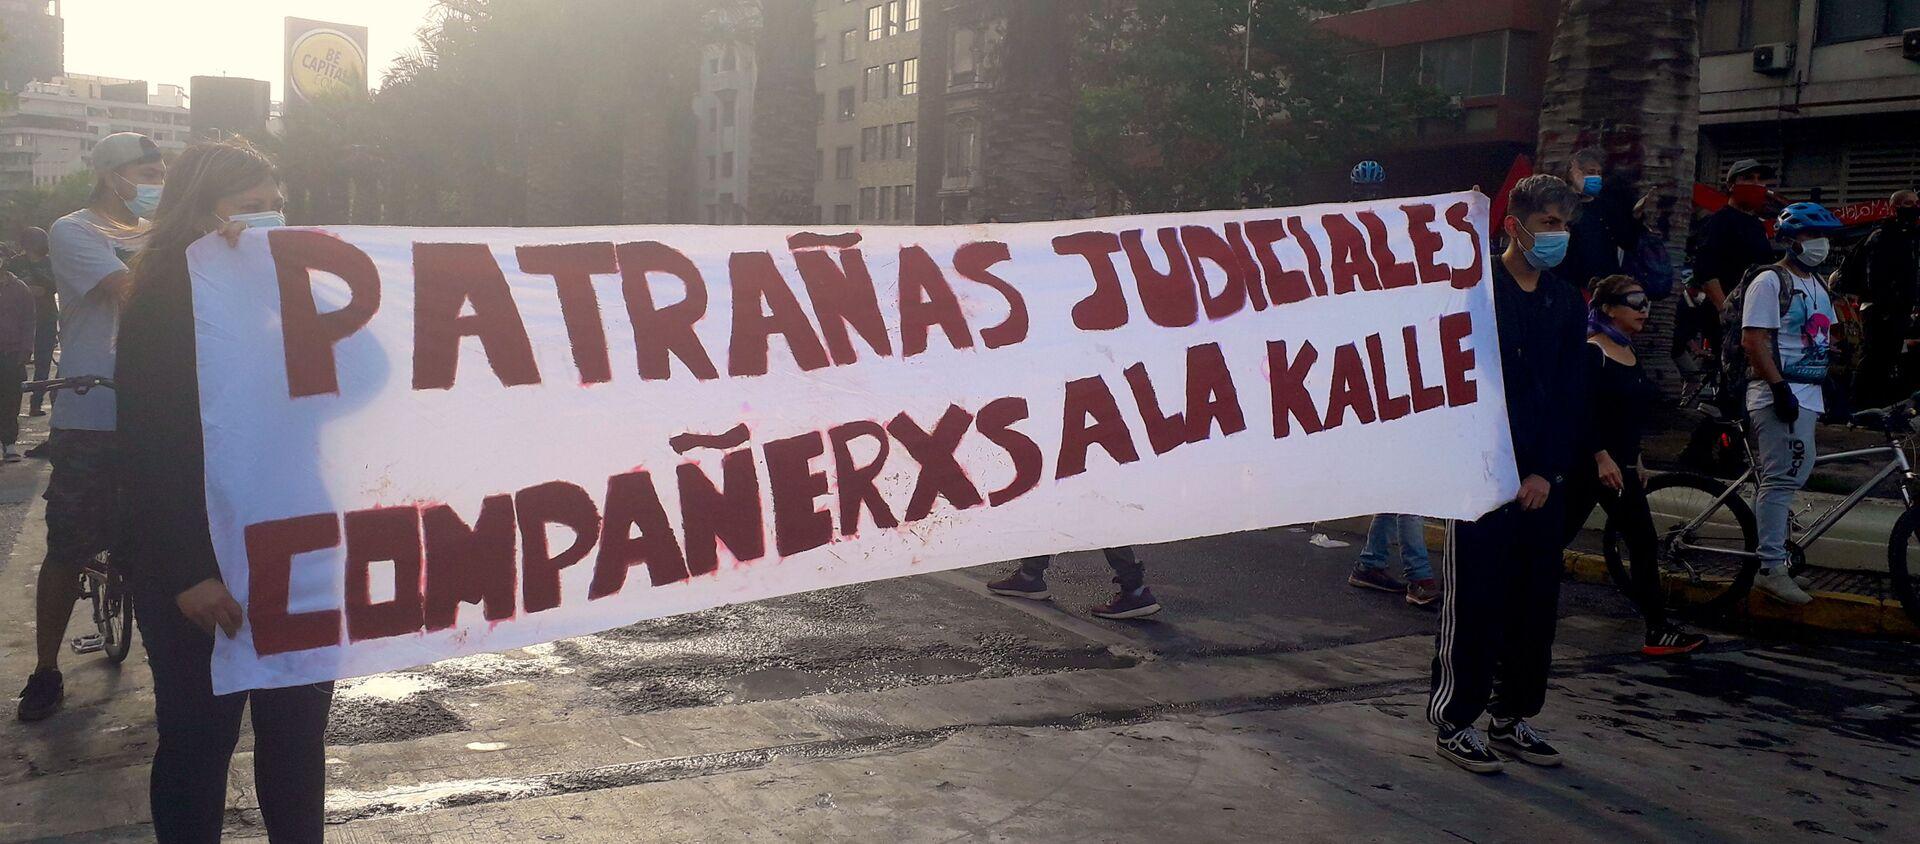 Manifestantes con lienzo por los presos políticos del estallido - Sputnik Mundo, 1920, 02.12.2020